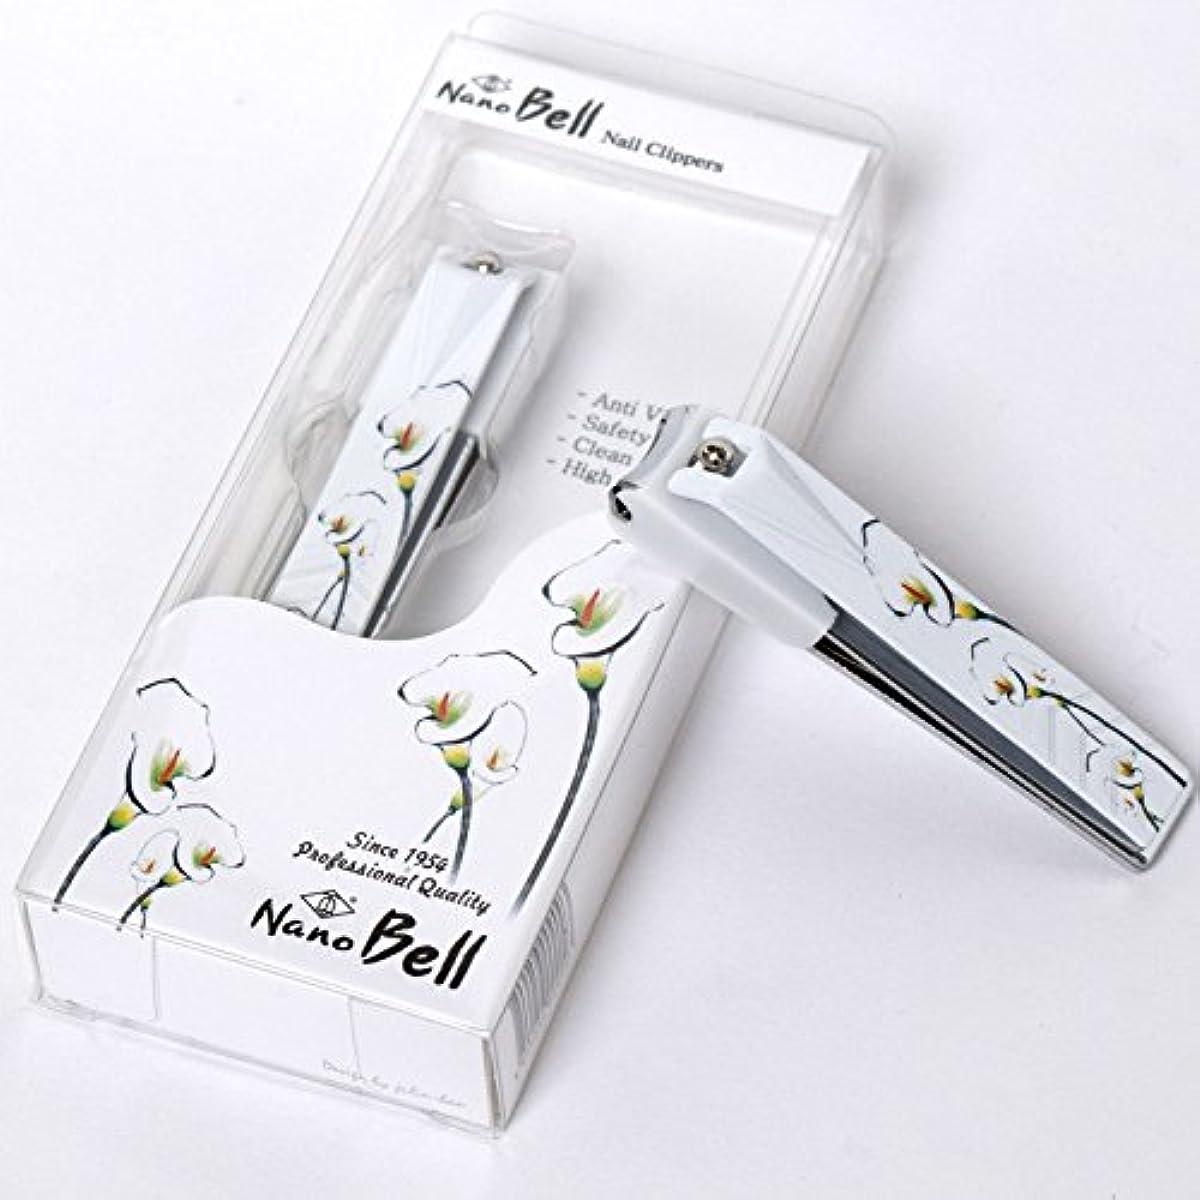 参照誠実さ強風Nano BELL Nail Clippers BN-102 ポータブルナノシルバー爪ケアトラベル爪切り感覚的なイラストPortable Nail Clippers Nail Care